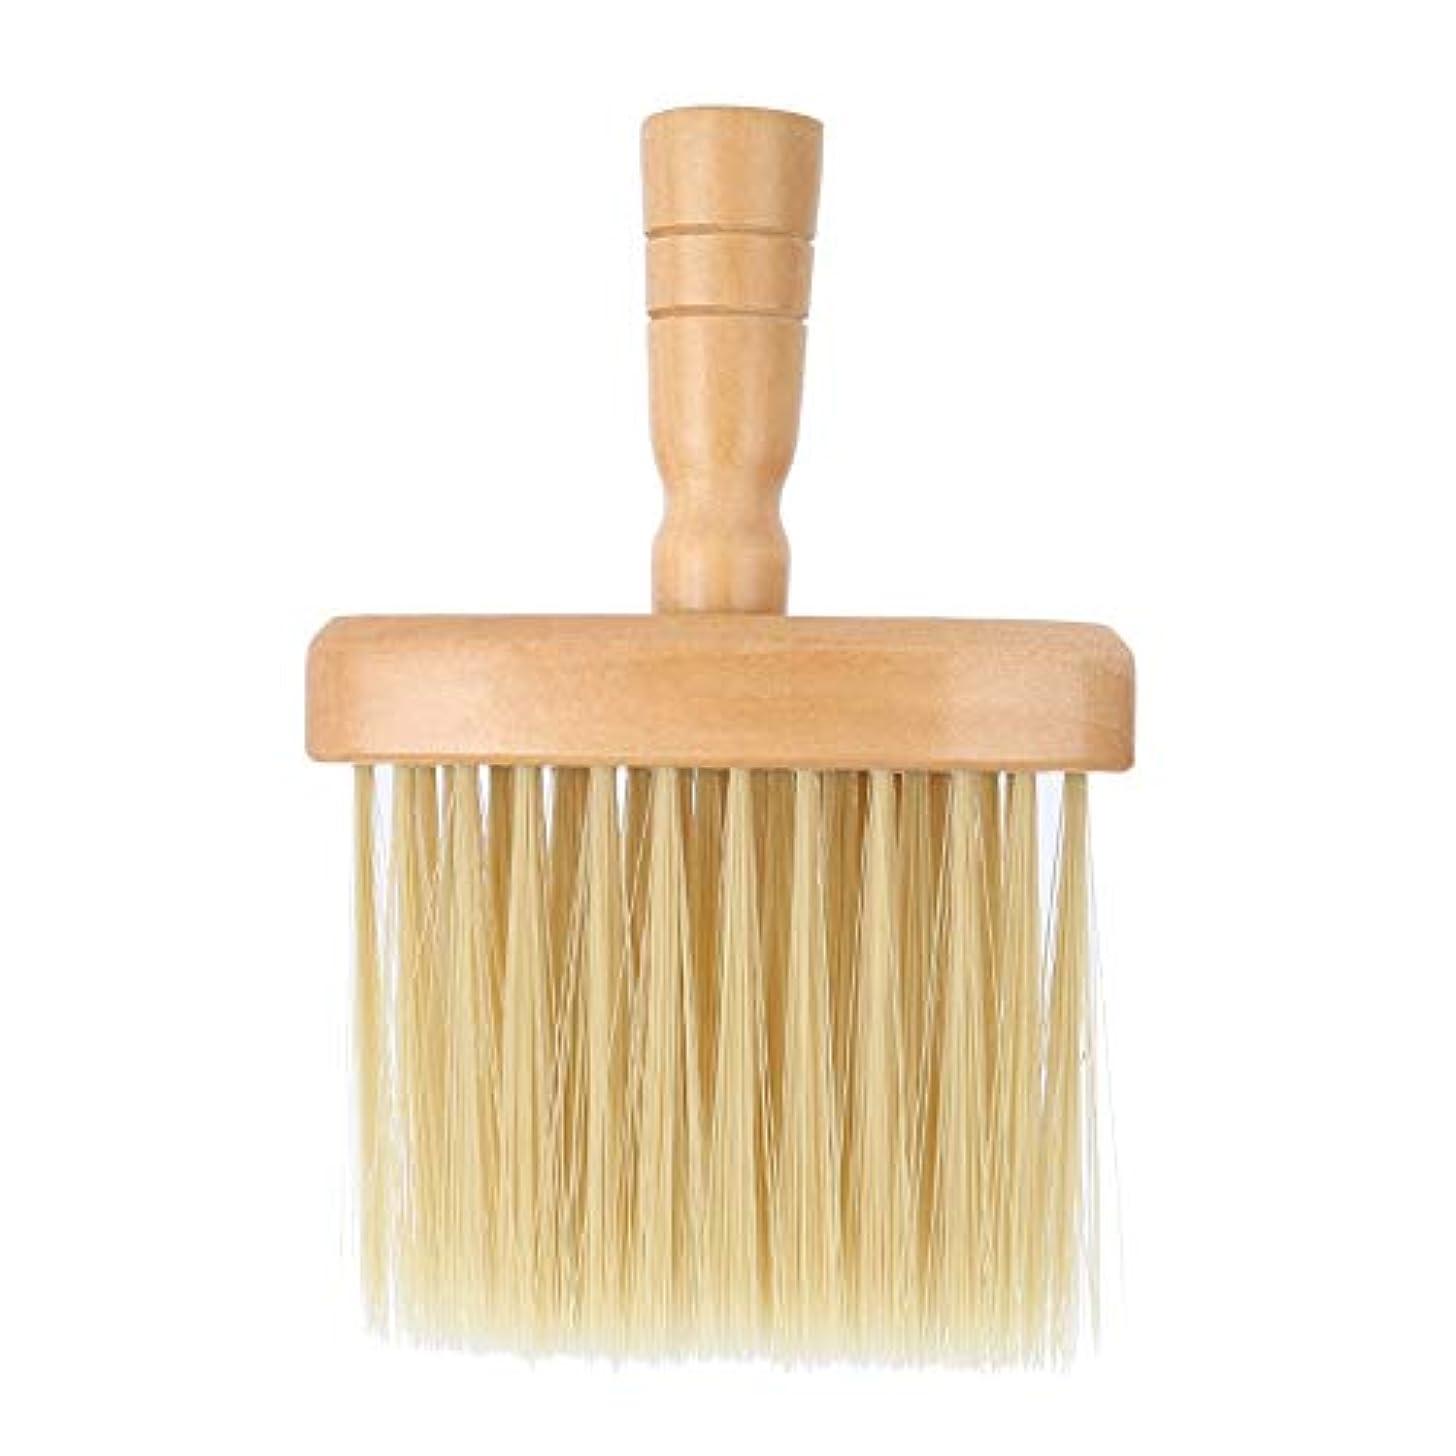 組カナダ尾ヘアカットブラシネックフェイスダスターブラシサロンヘアクリーニング木製掃除ブラシヘアカット理髪ツール